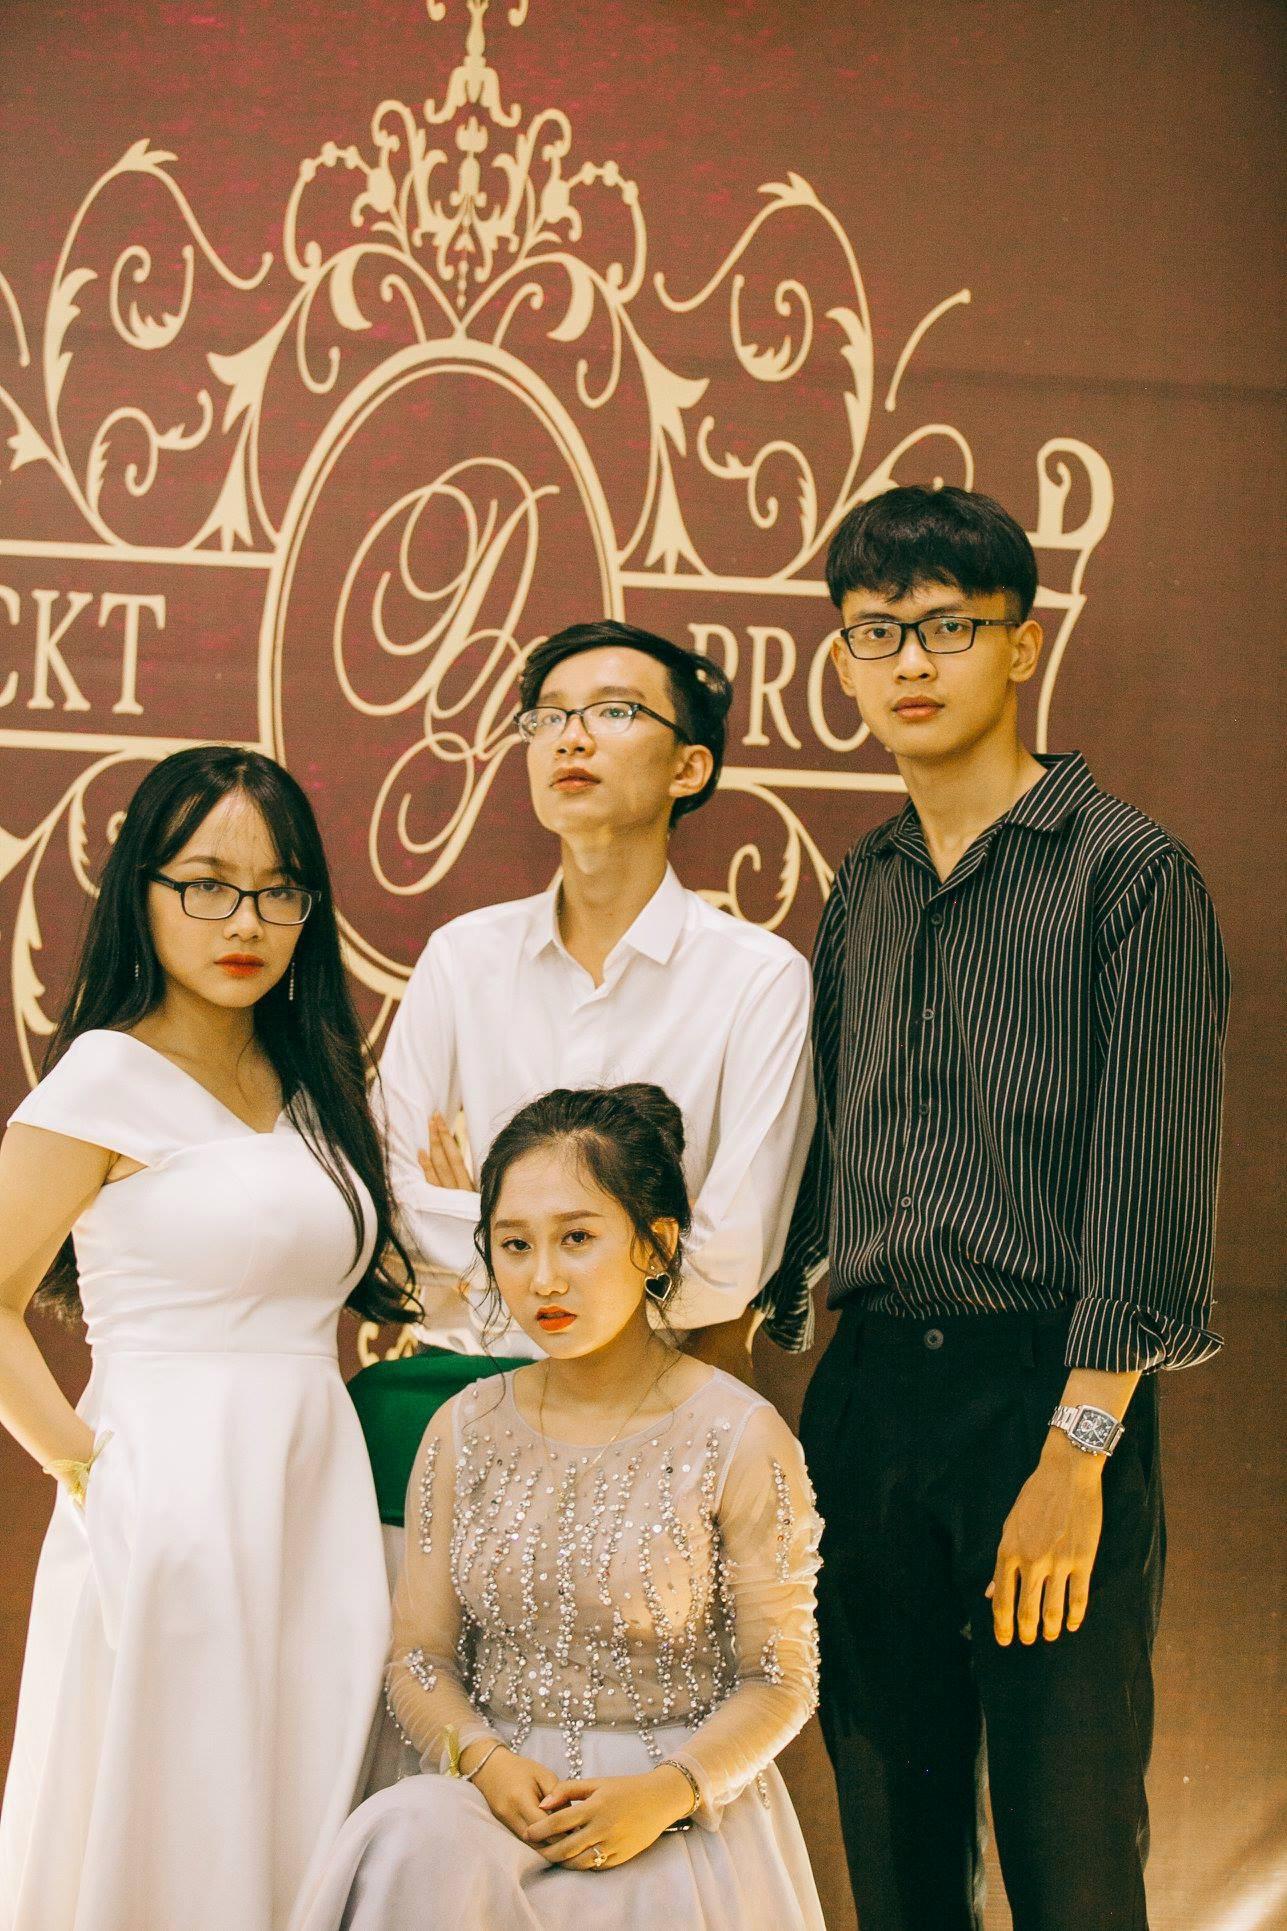 Không chỉ RMIT, trường chuyên phố núi Kon Tum cũng khiến chúng ta đã mắt với dàn trai xinh gái đẹp trong tiệc prom - Ảnh 27.